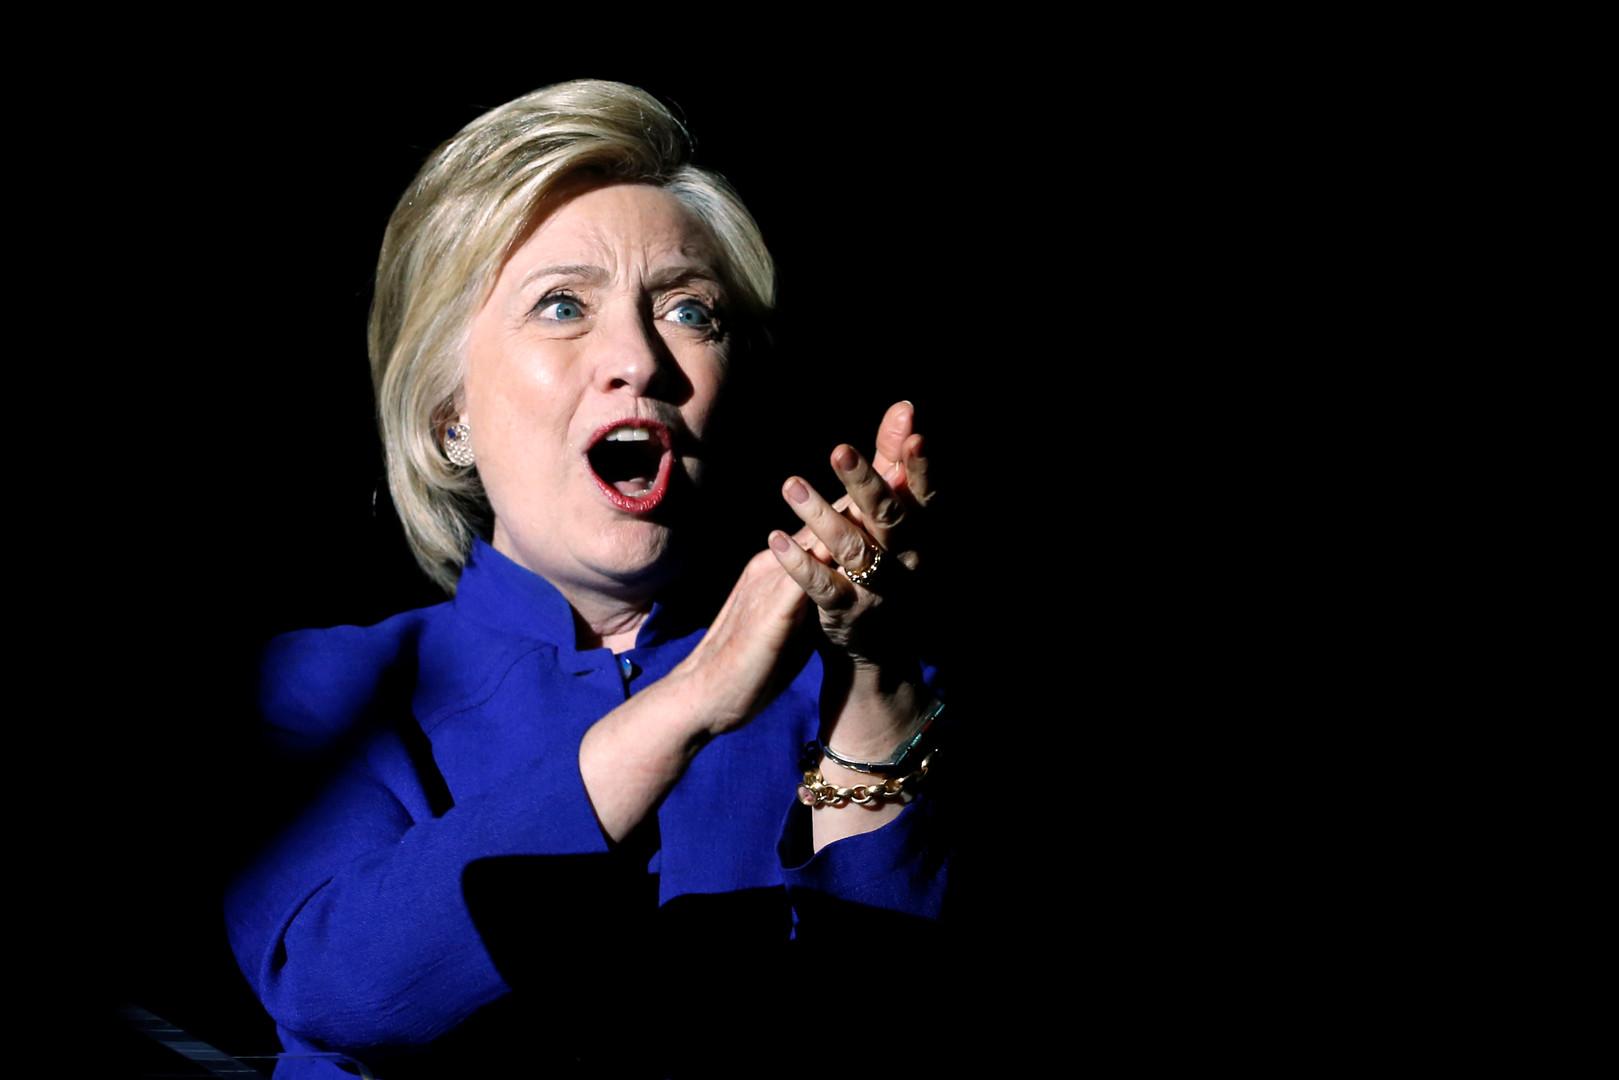 СМИ: Хиллари Клинтон набрала необходимое число делегатов для выдвижения в президенты США